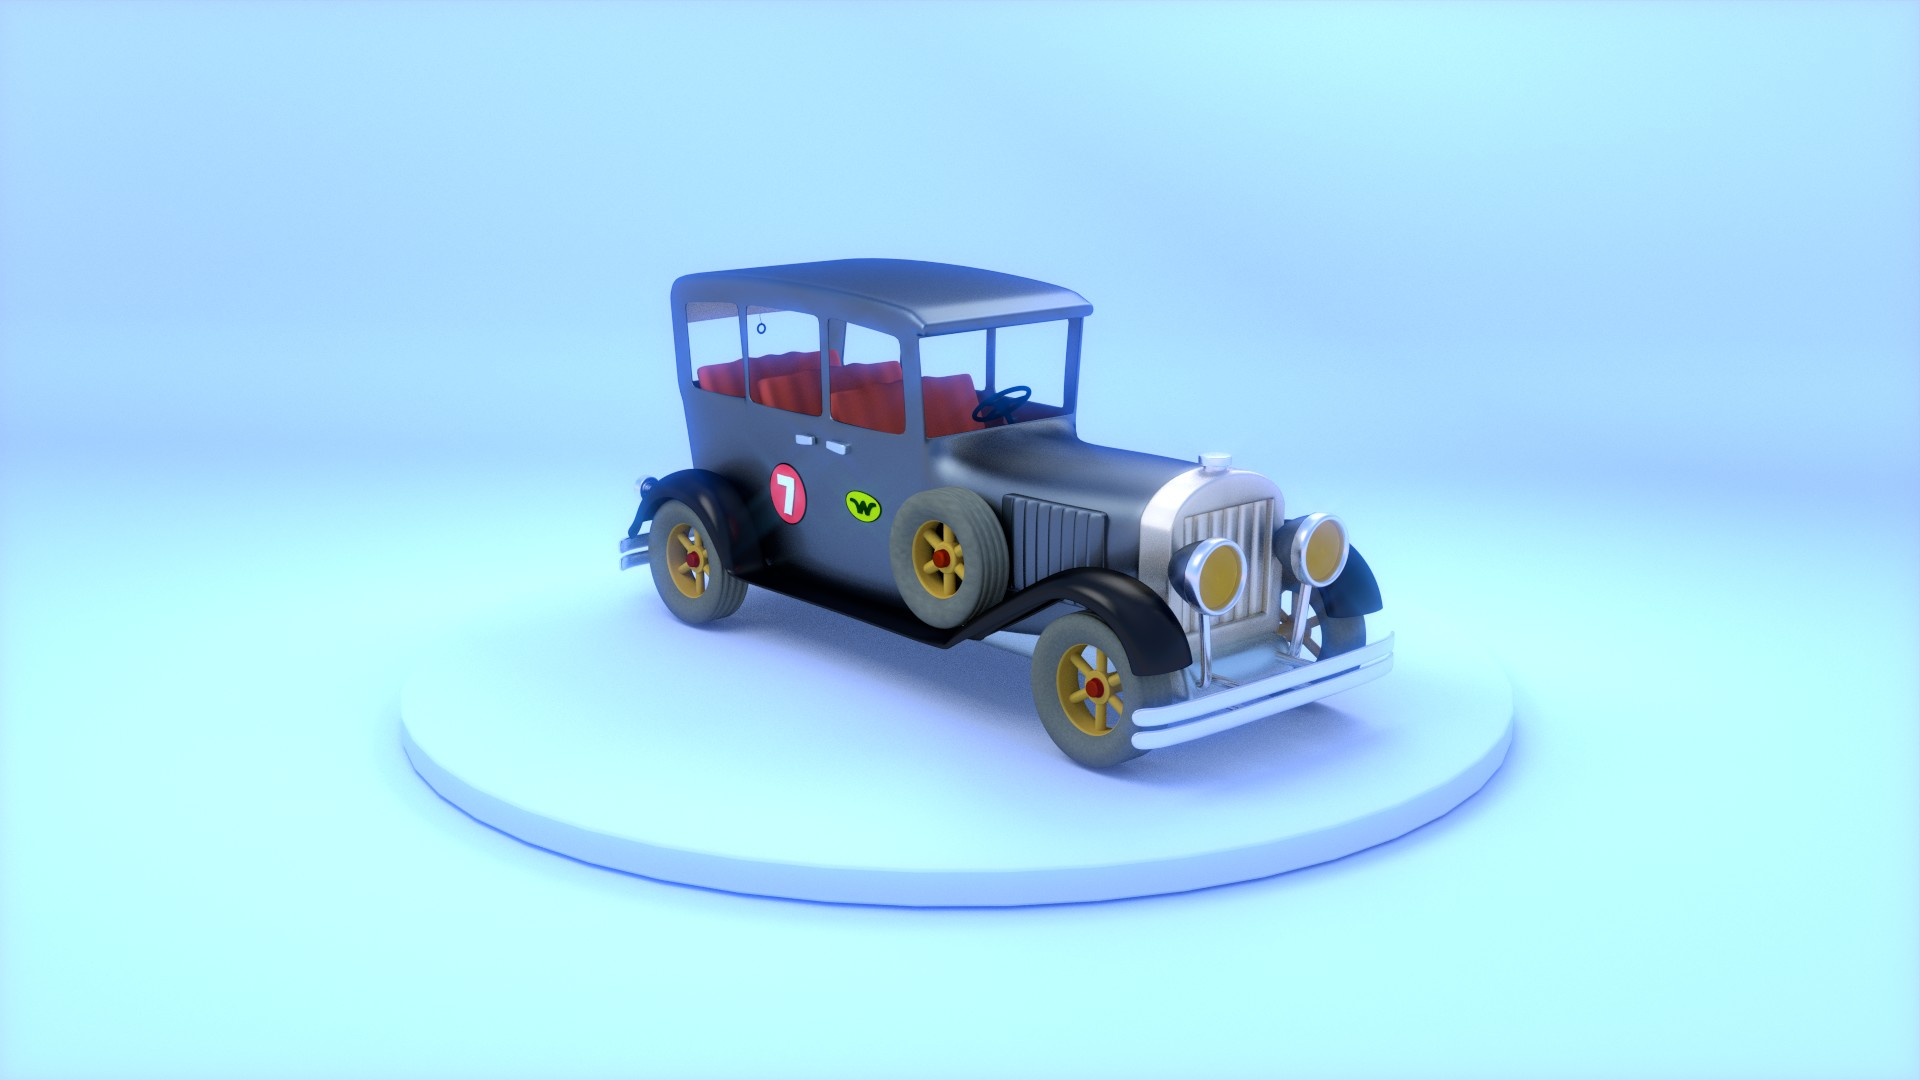 Los autos locos wacky races soliman-07-la_antigualla_blindada.jpg